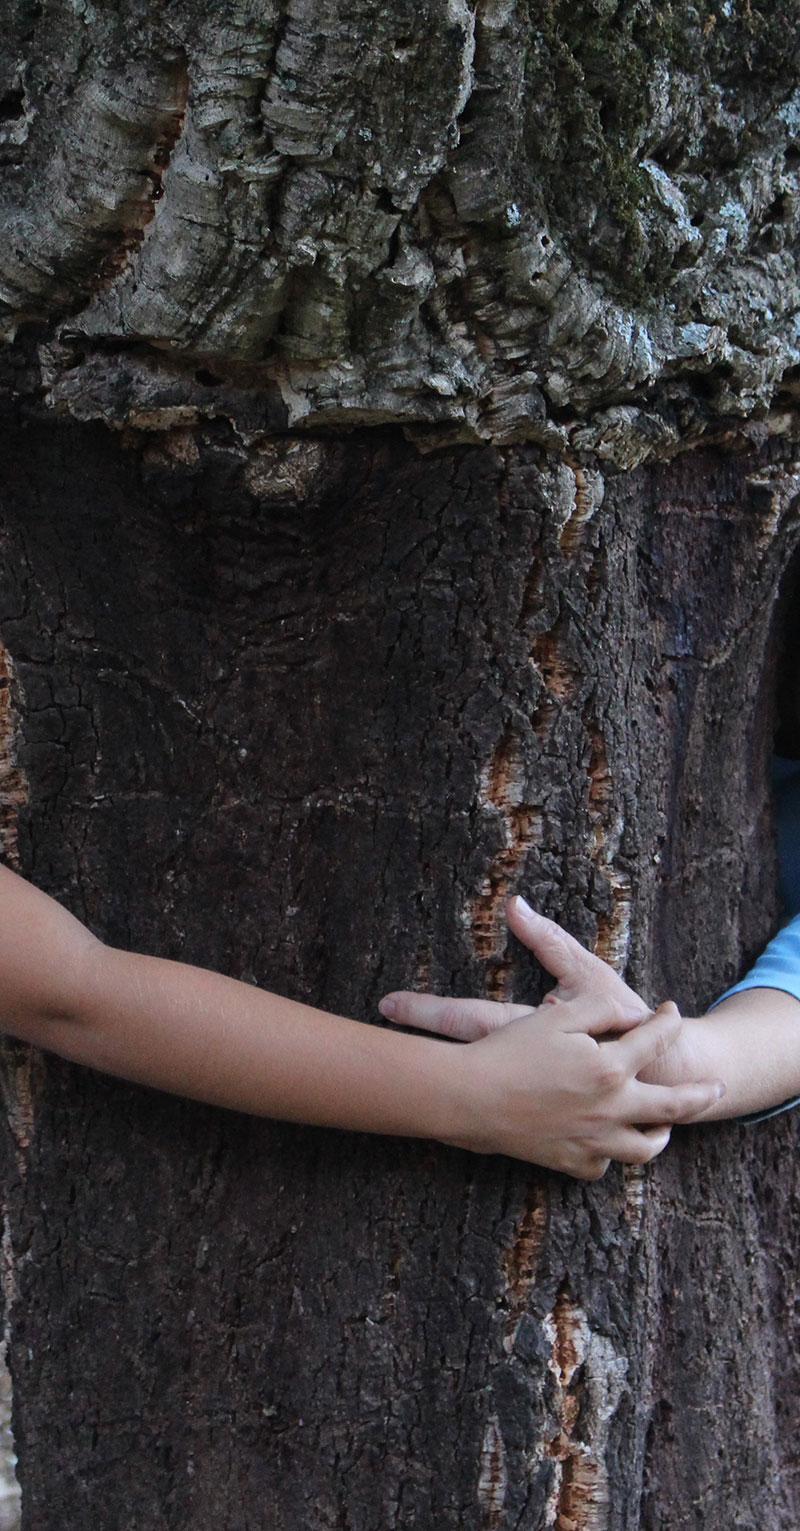 actividades en la naturaleza para disfrutar con niños